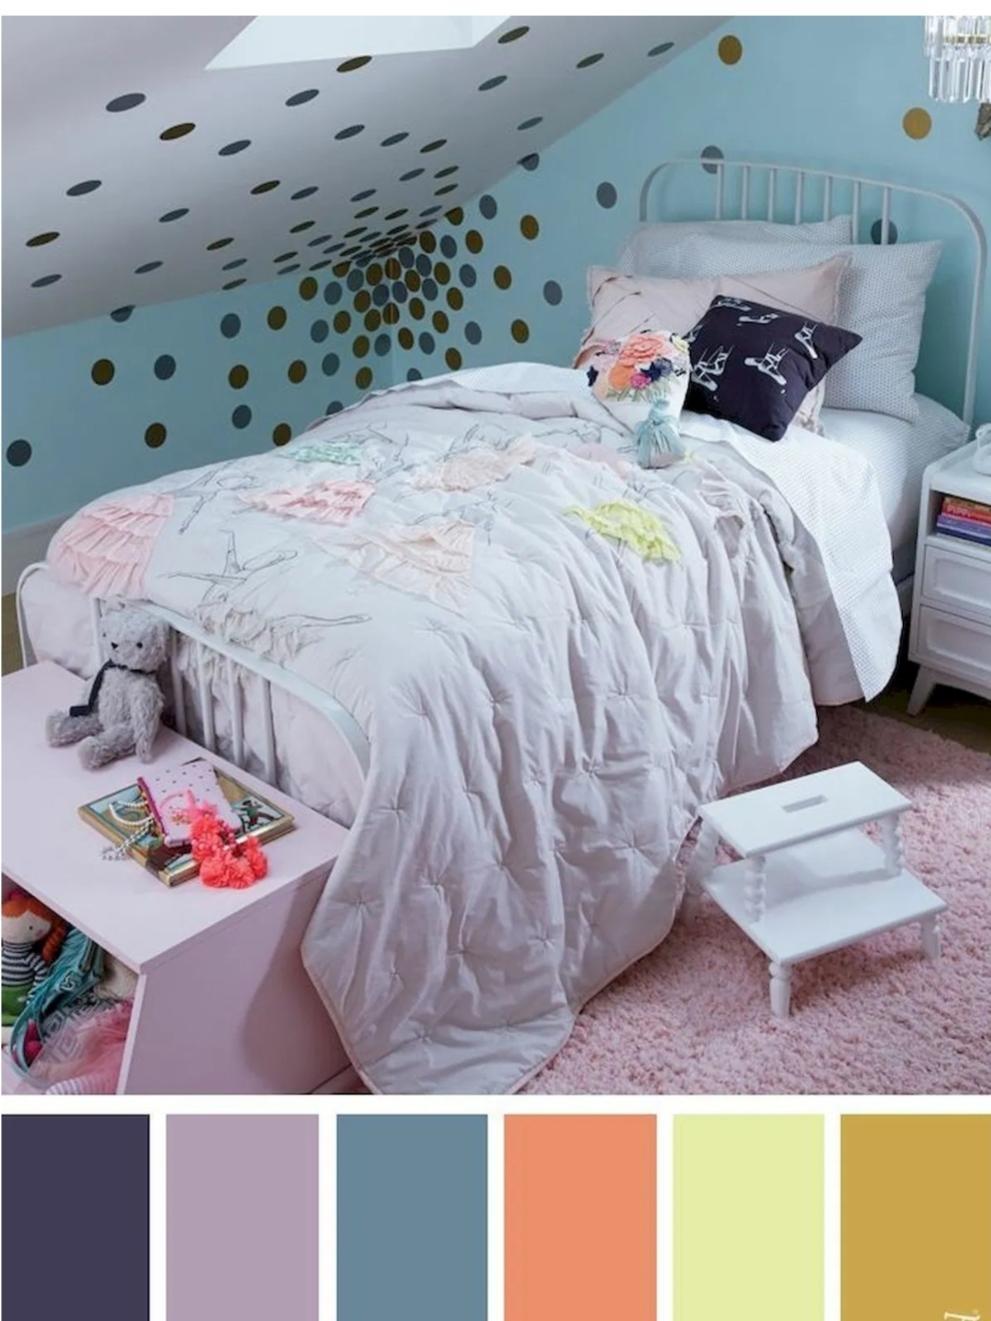 Barevné kombinace nejen do ložnice. - Obrázek č. 23